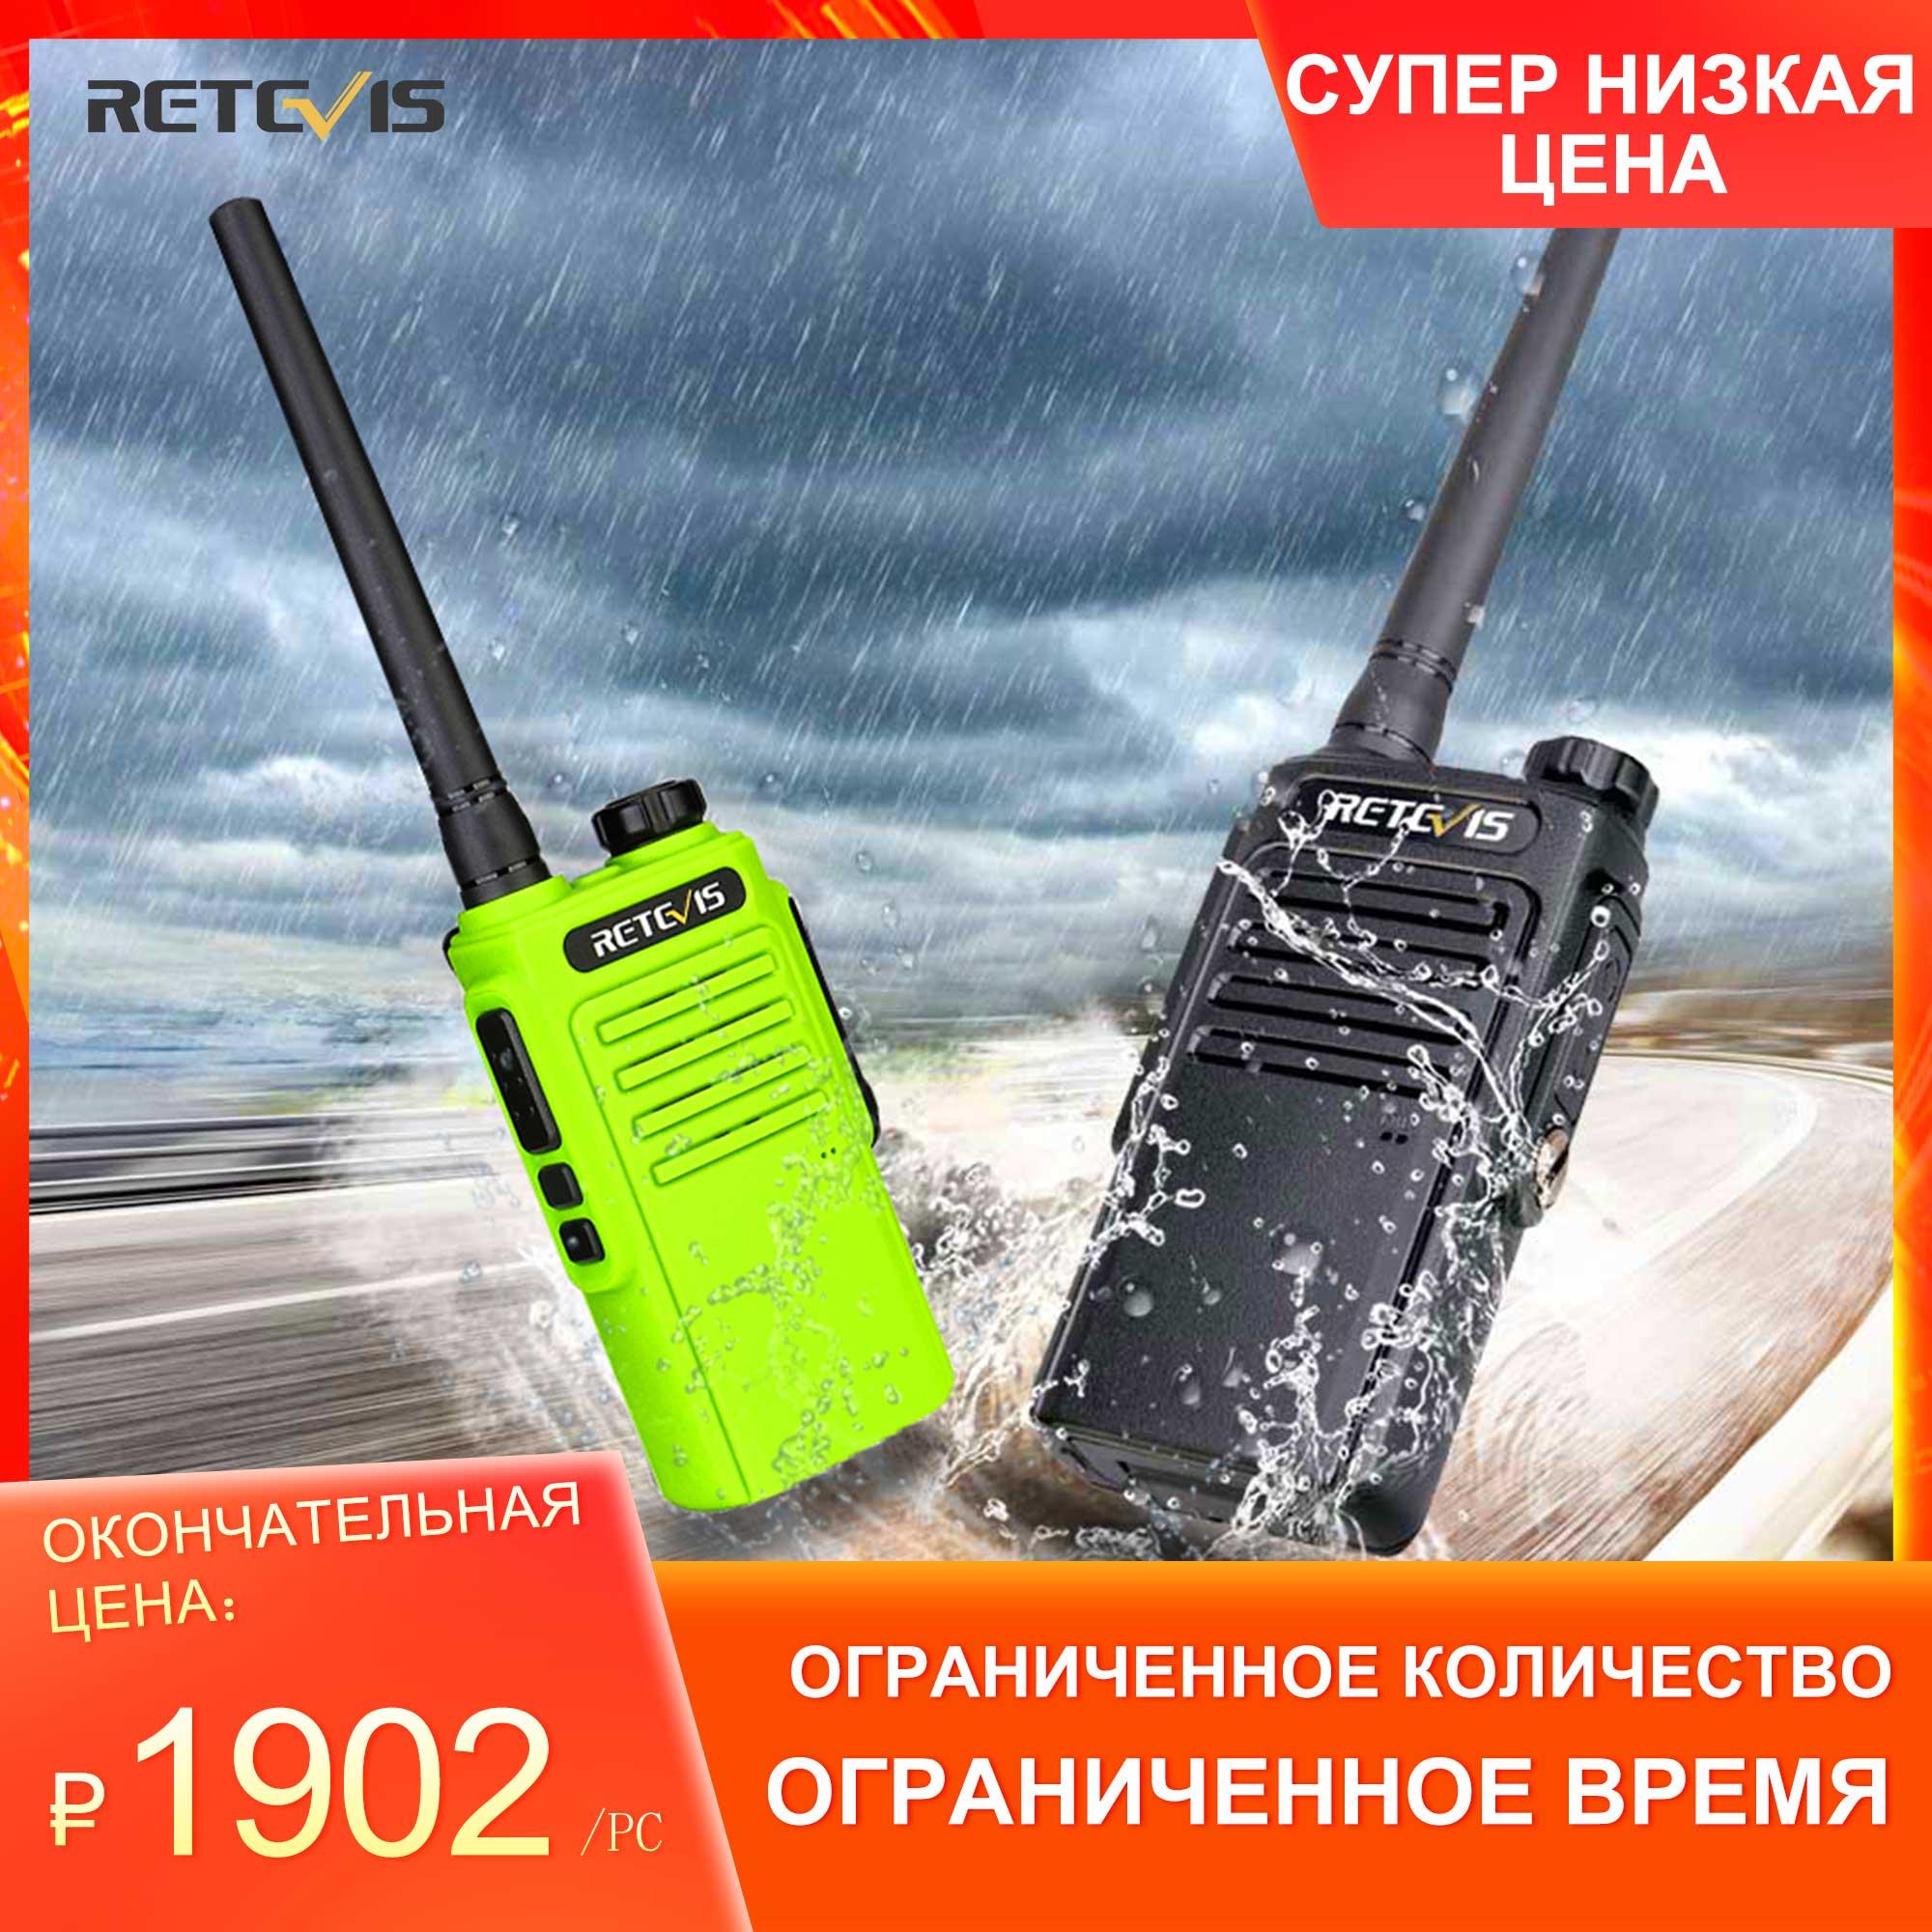 اسلكية تخاطب مقاوم للماء RETEVIS RT647 IP67 1 قطعة لاسلكي مقاوم للماء PMR446 اتجاهين راديو راديو محمول للصيد الصيد